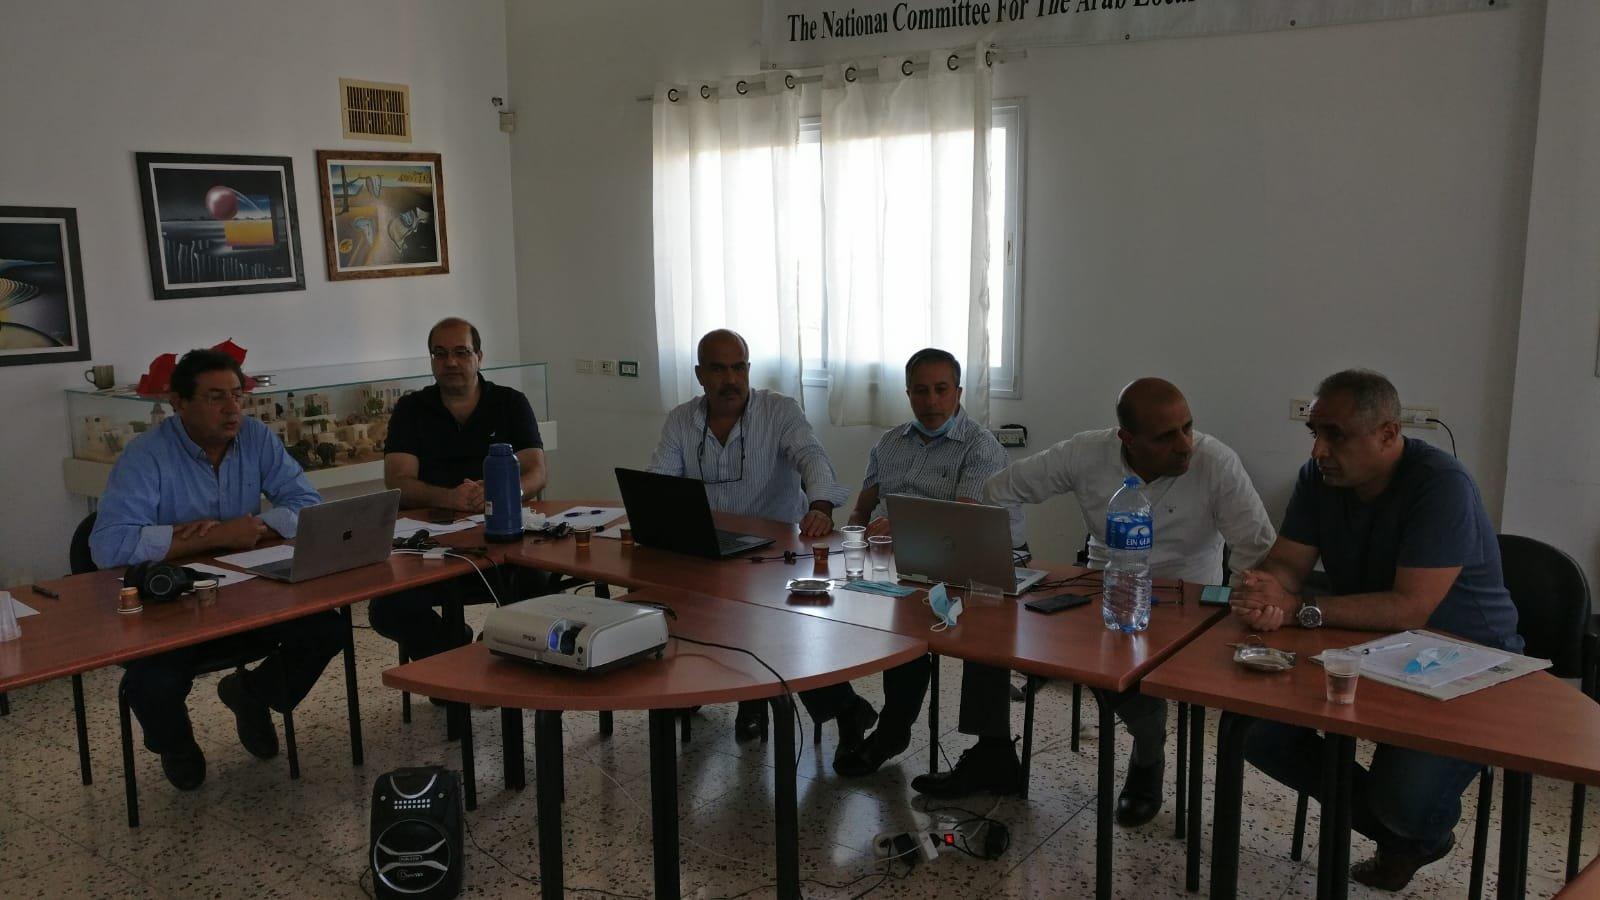 خطة خمسية لتطوير الهايتك والحداثة في المجتمع العربي-8